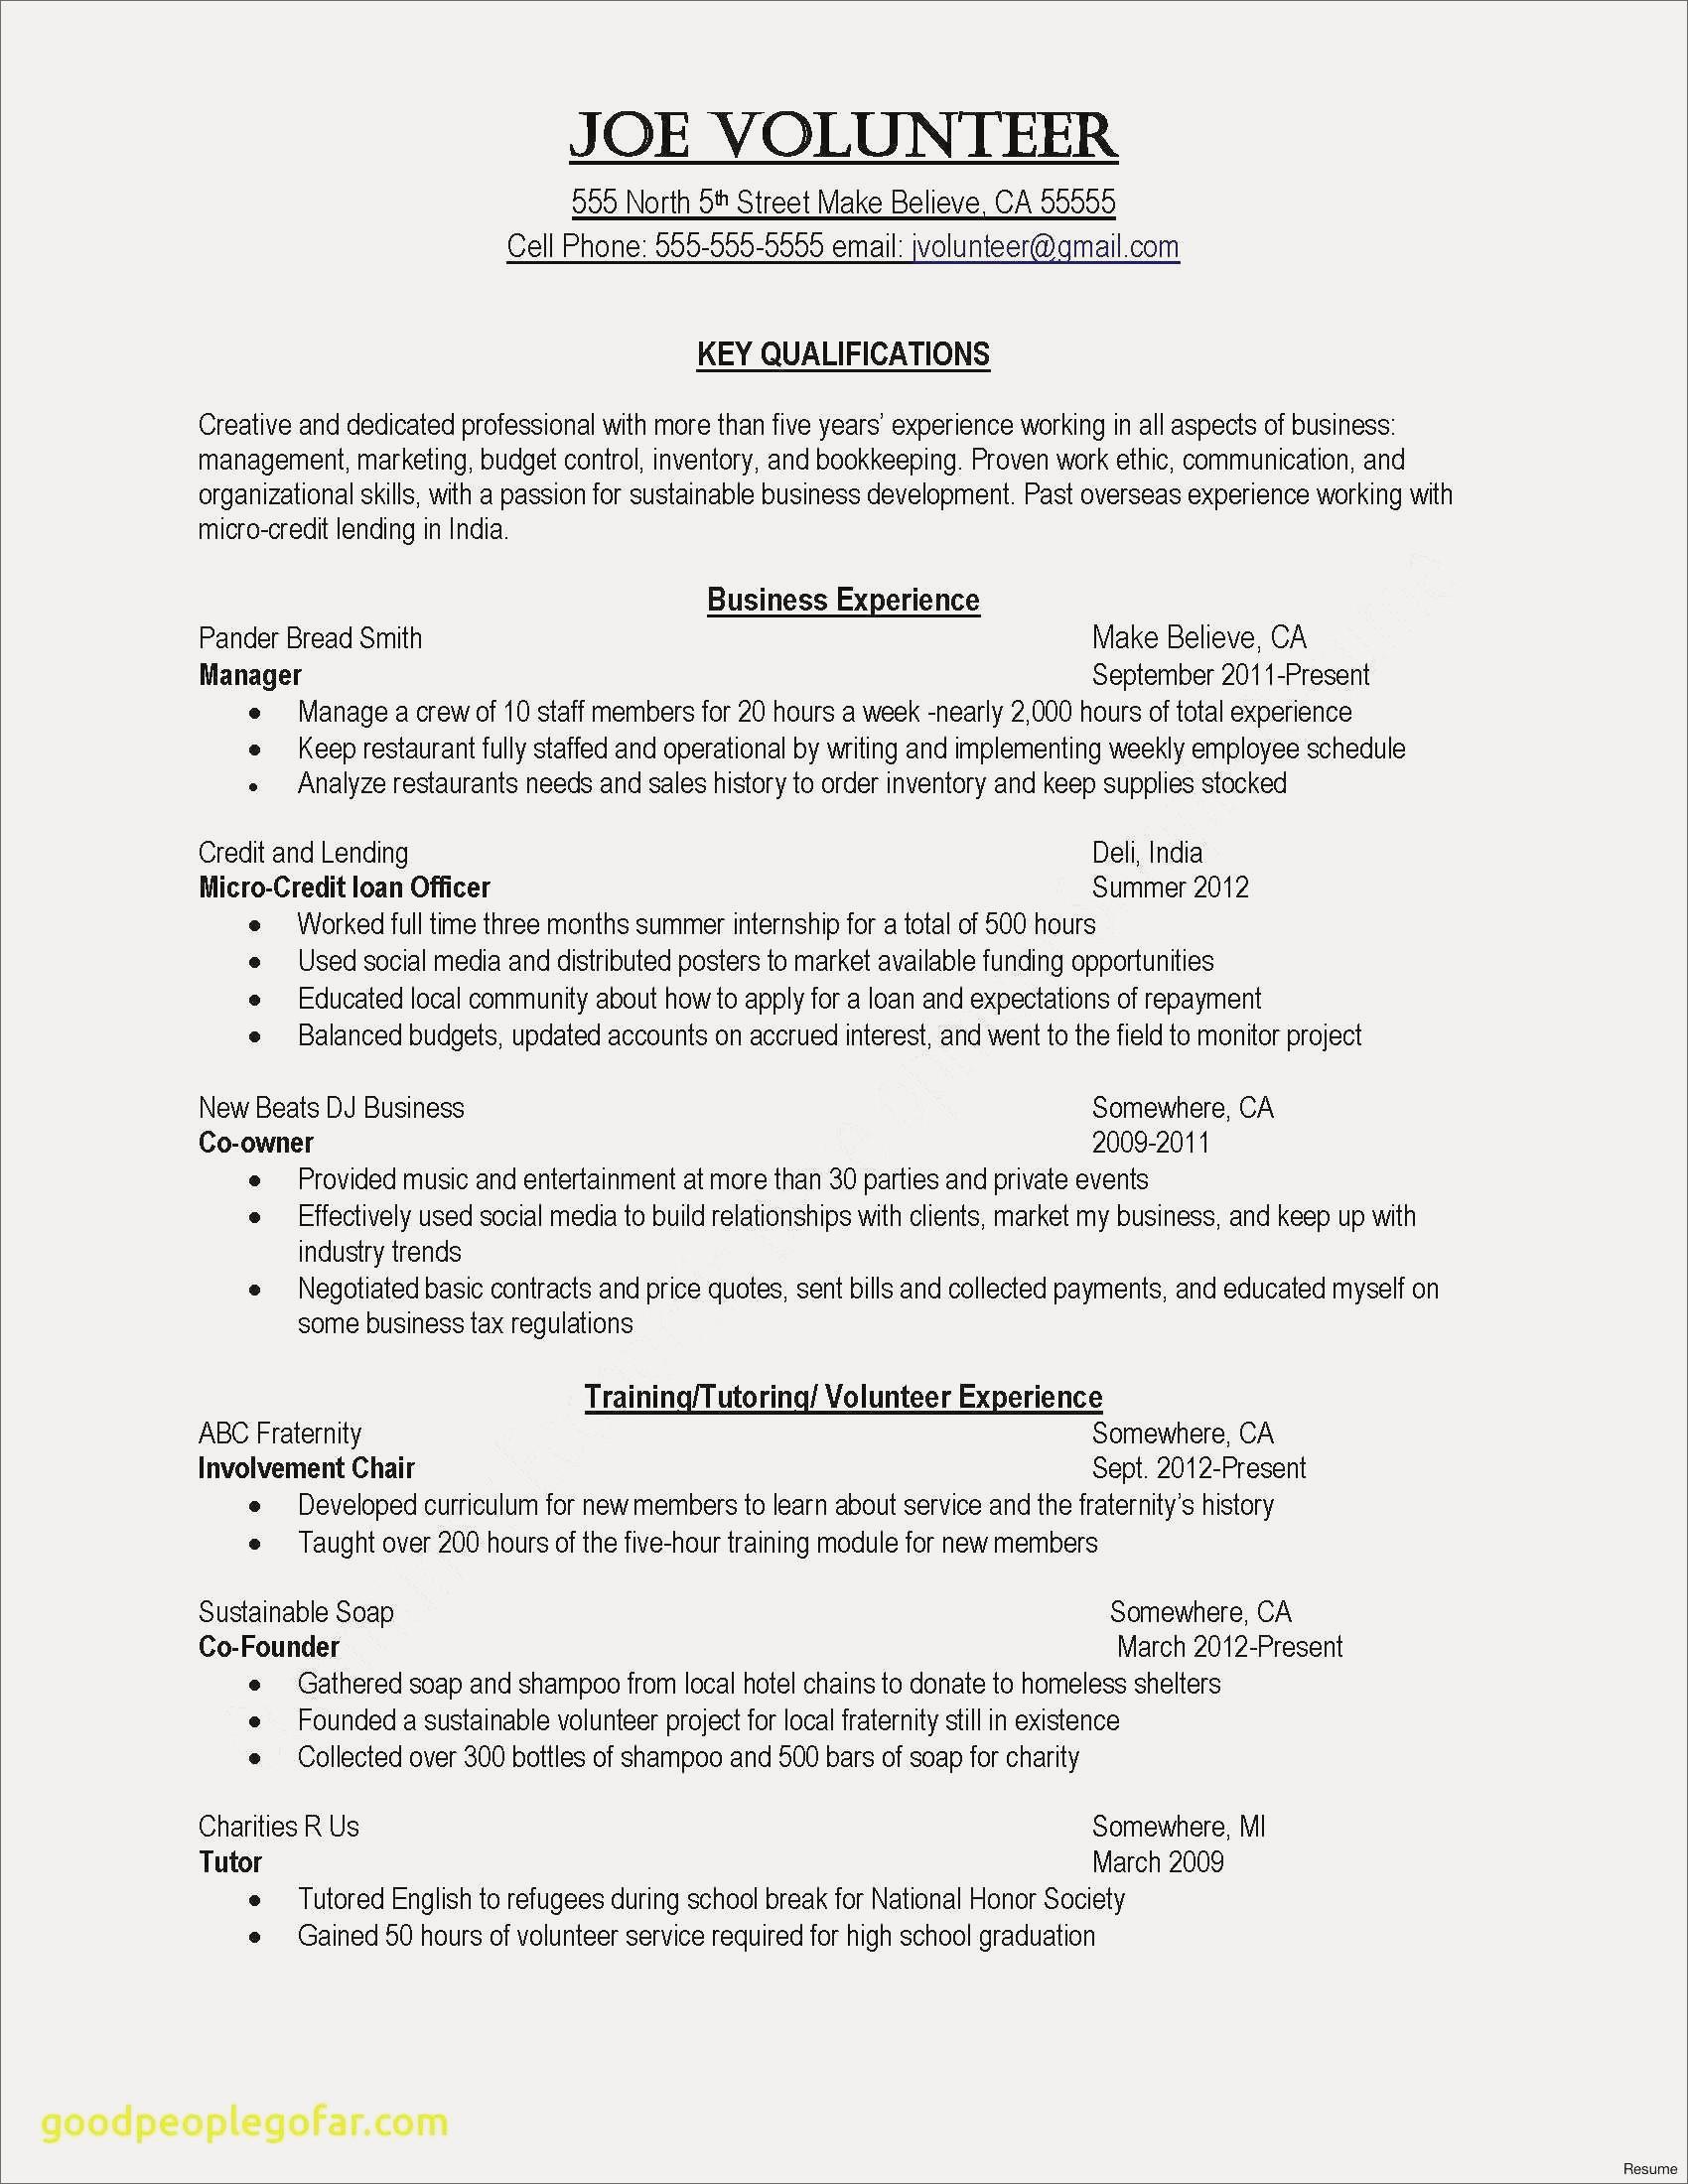 How To Do A Resume Job Resume Pdf Best Student Resume For Job Application Pdf Best Job Resume Template Of Job Resume Pdf how to do a resume|wikiresume.com